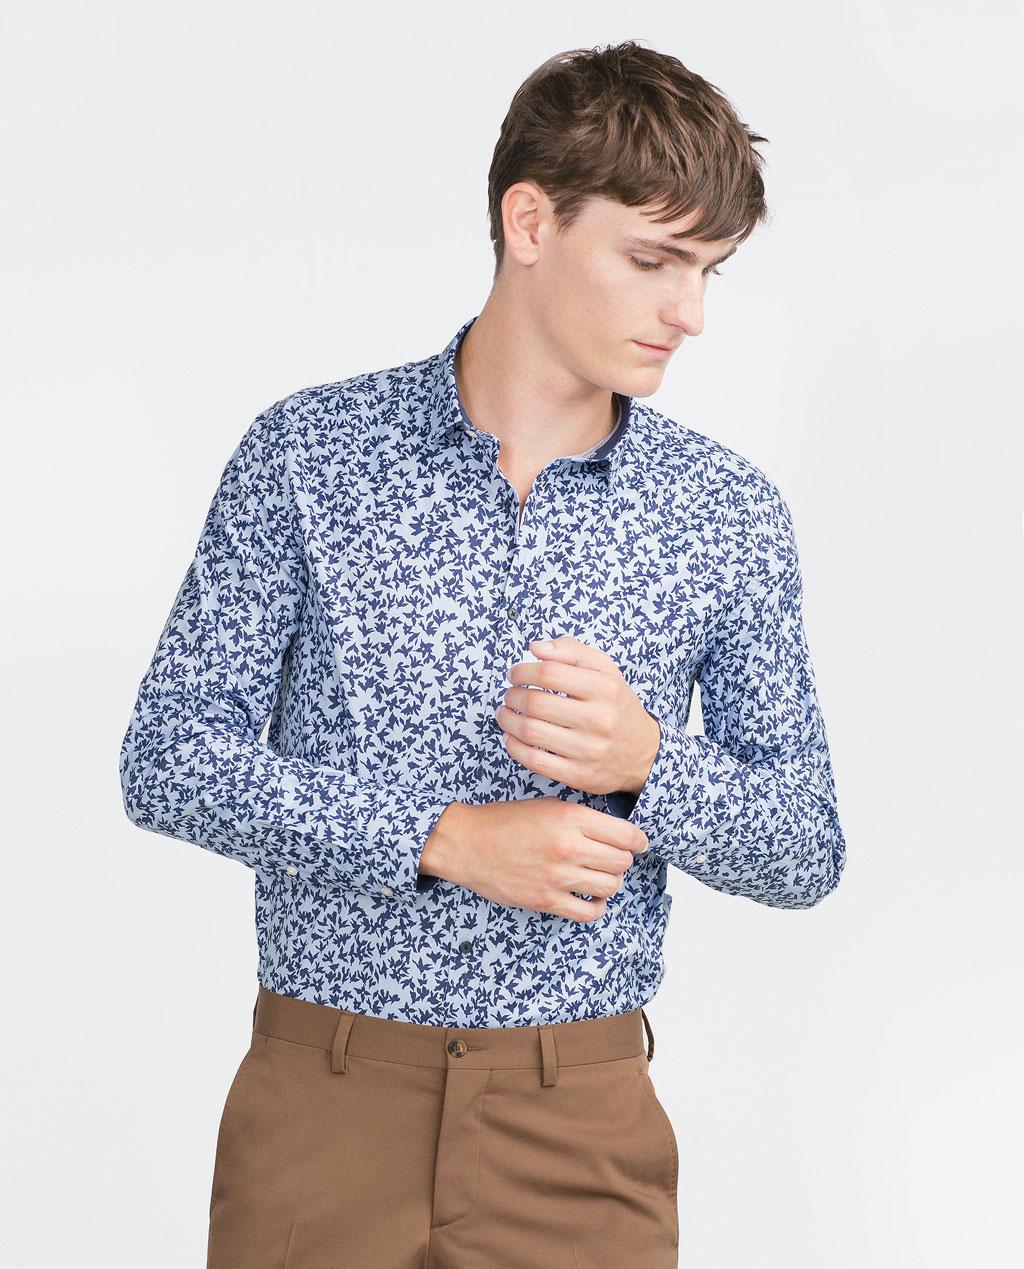 Combinar color azul camisa azul estampada pantalon marron for Combinar marron